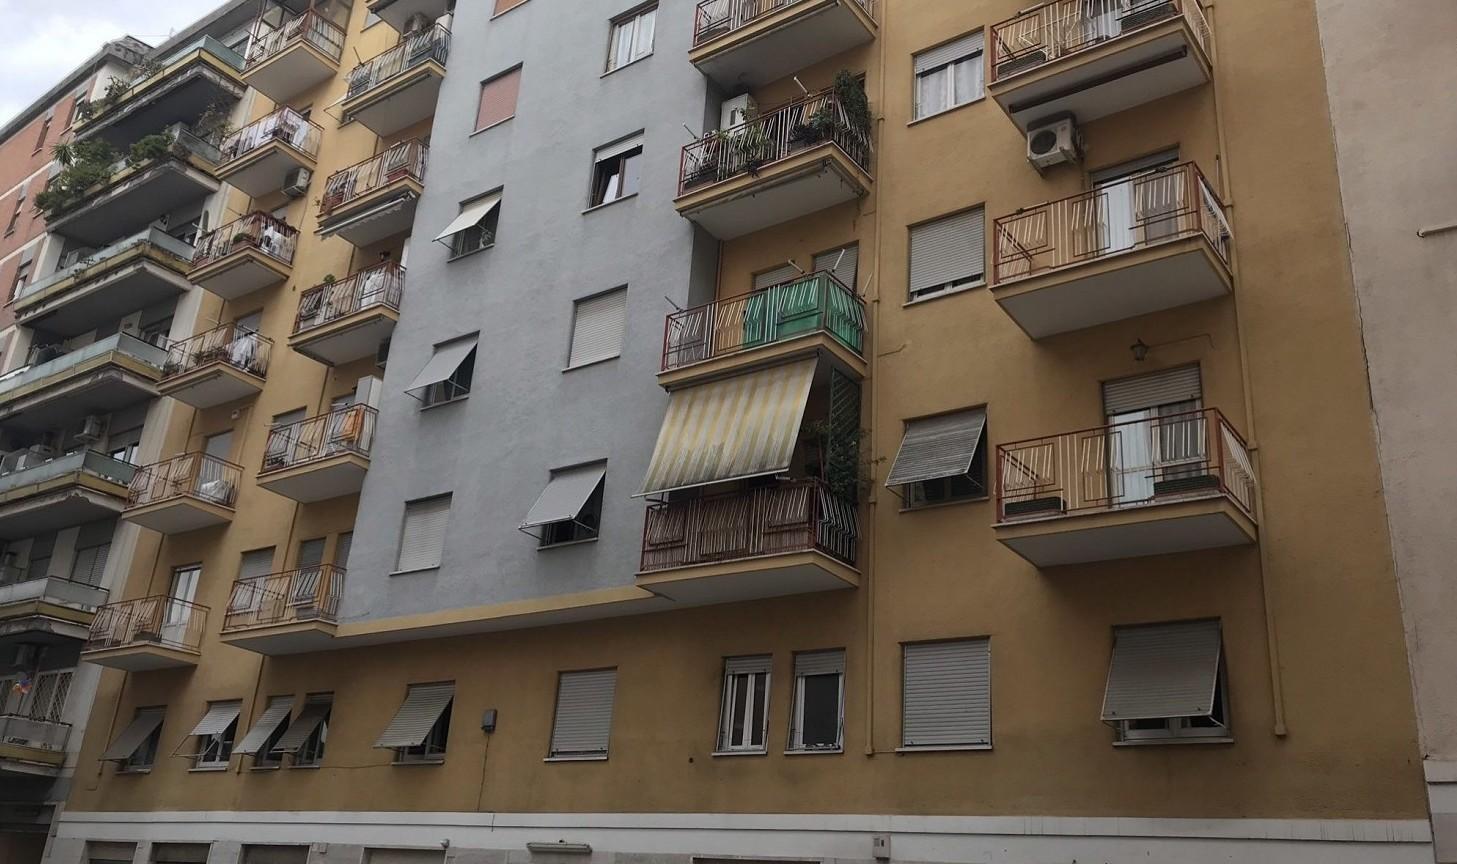 Come fare lavori urgenti in condominio senza delibera assemblea